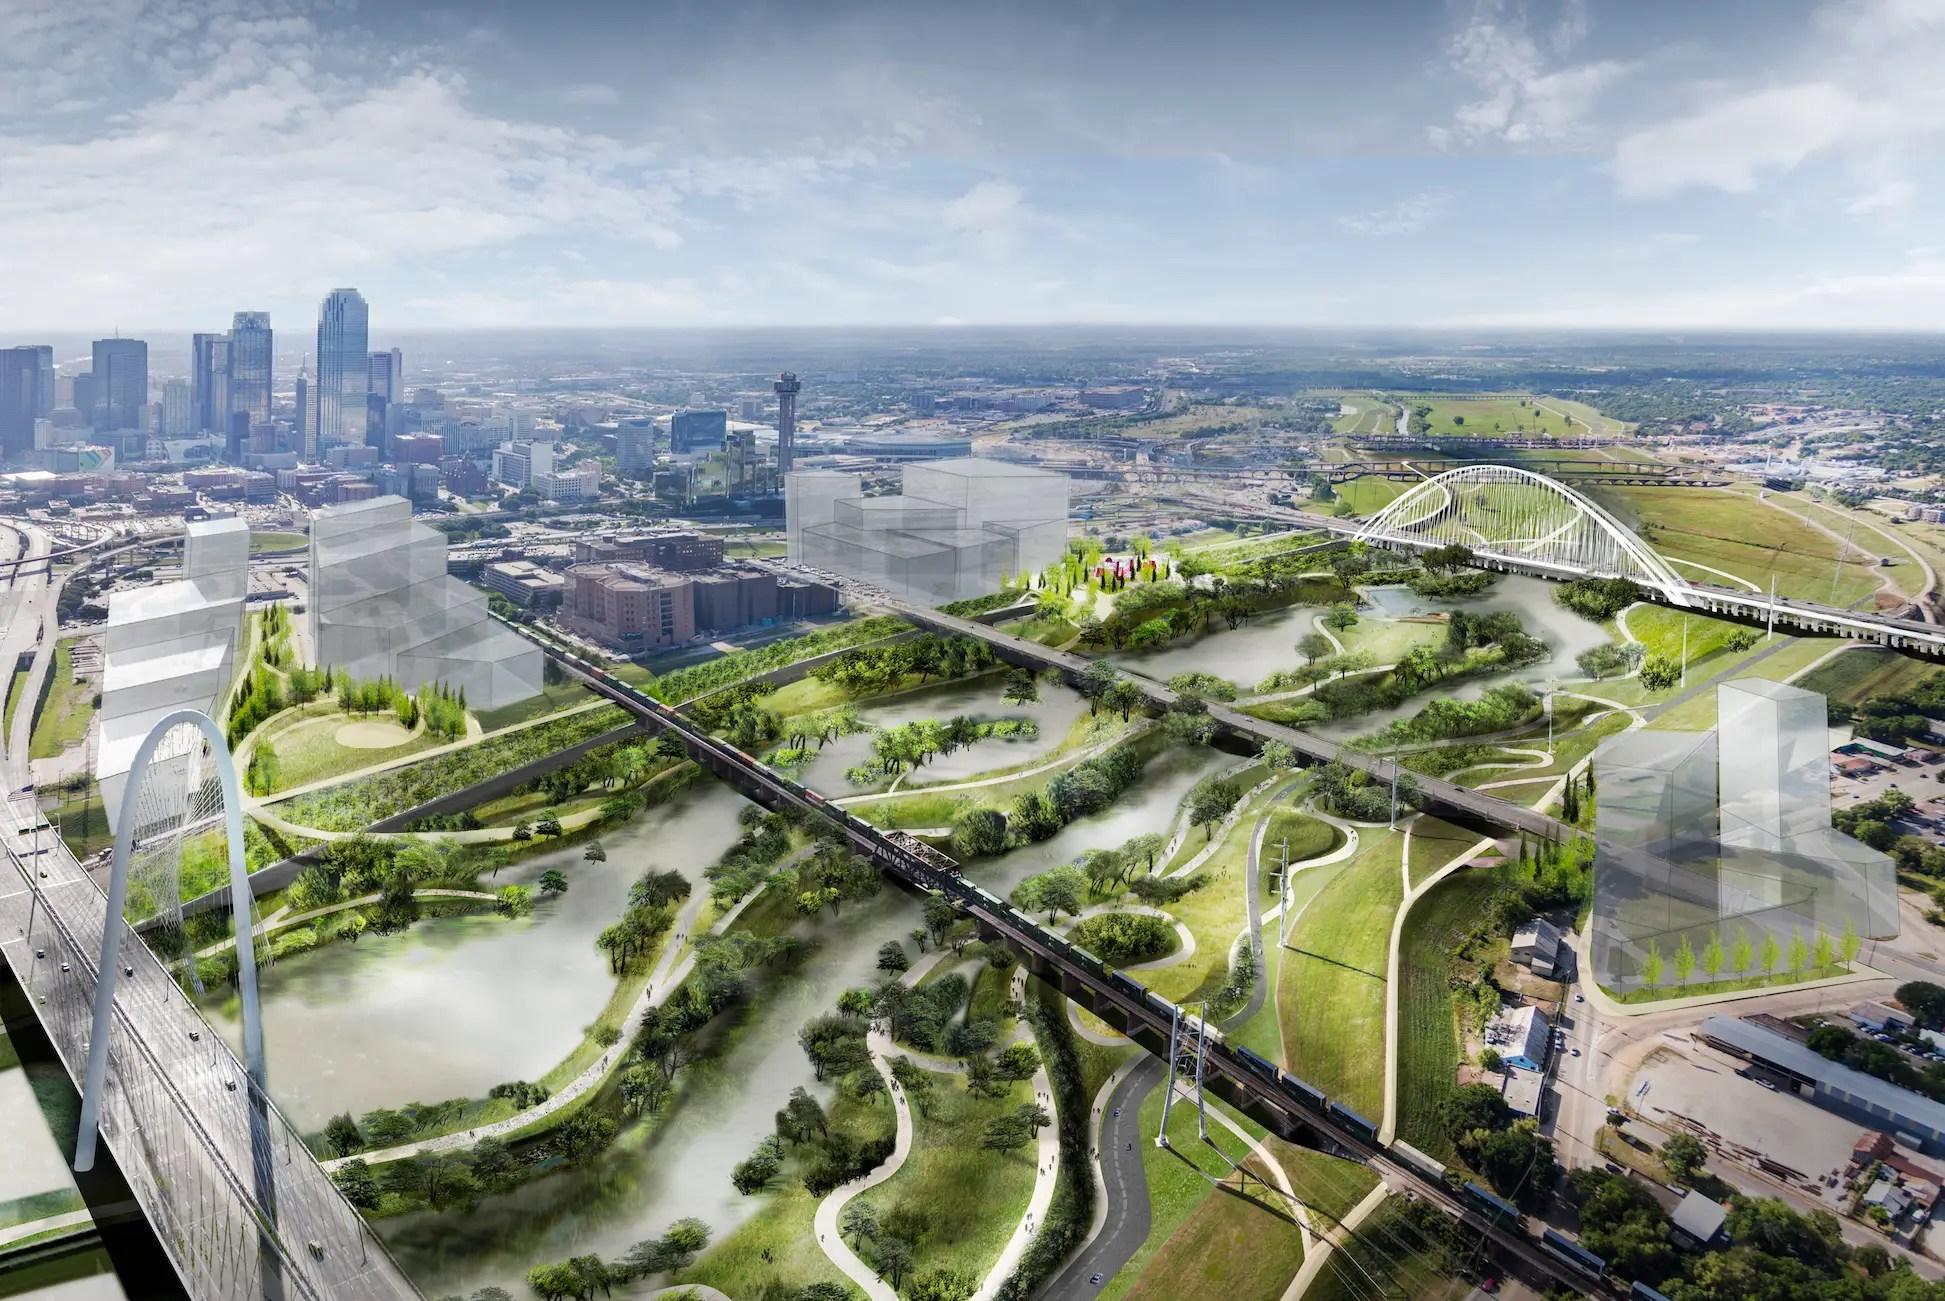 The Trinity River Project in Dallas, Texas.